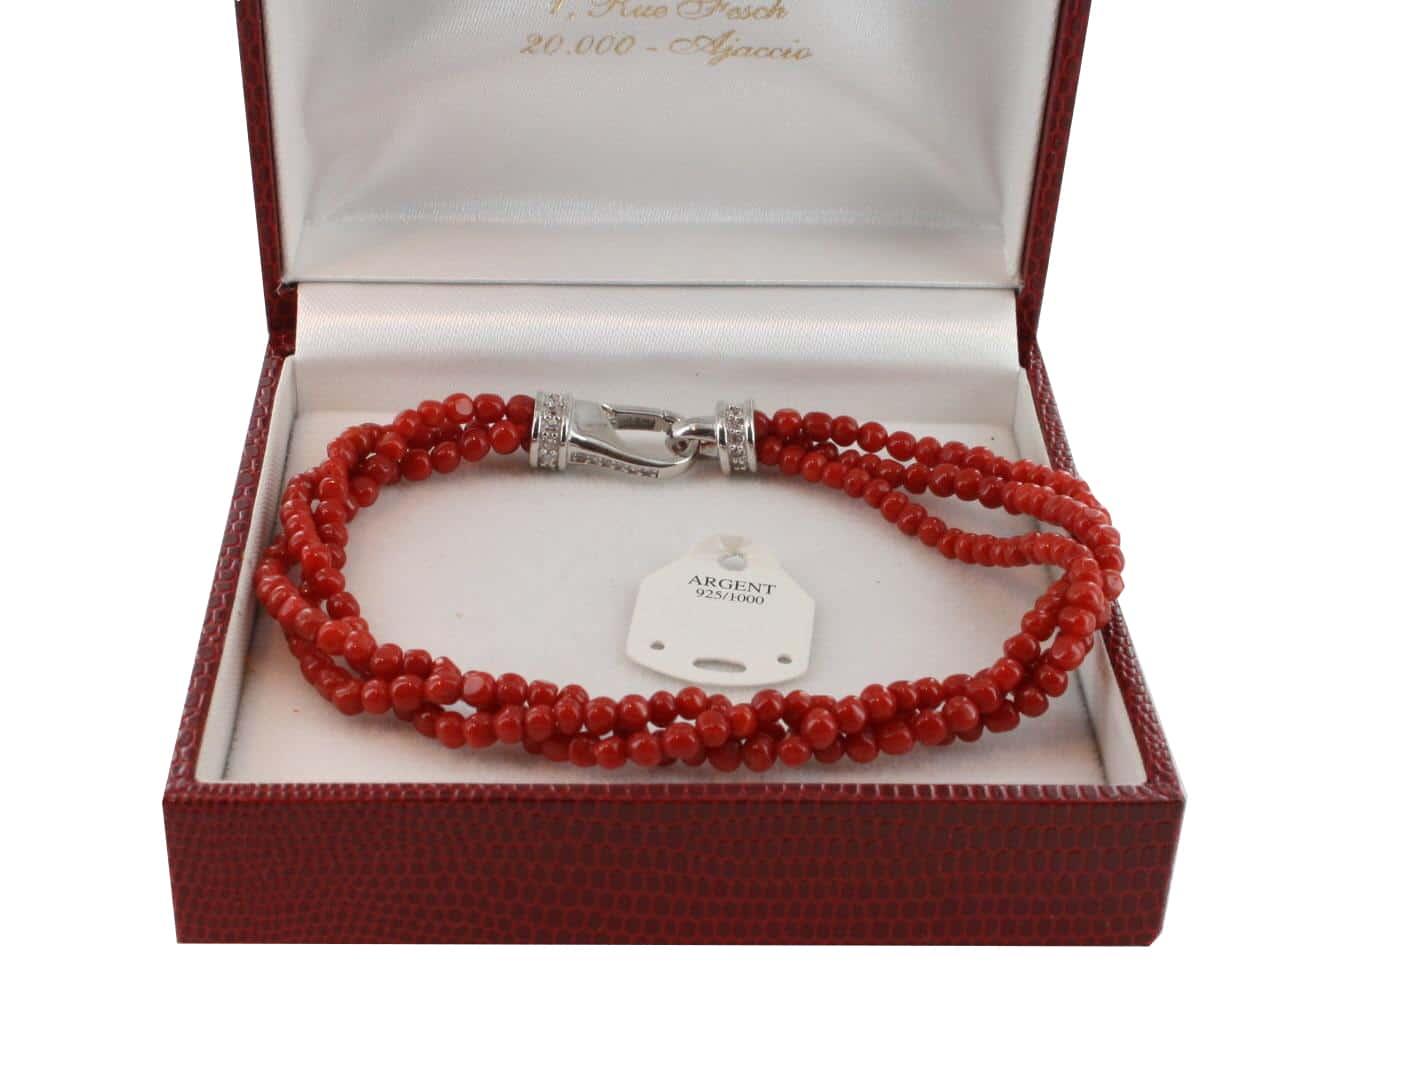 Bracelet en Corail véritable de méditerranée et argent 725 BR-CO-AR-1144